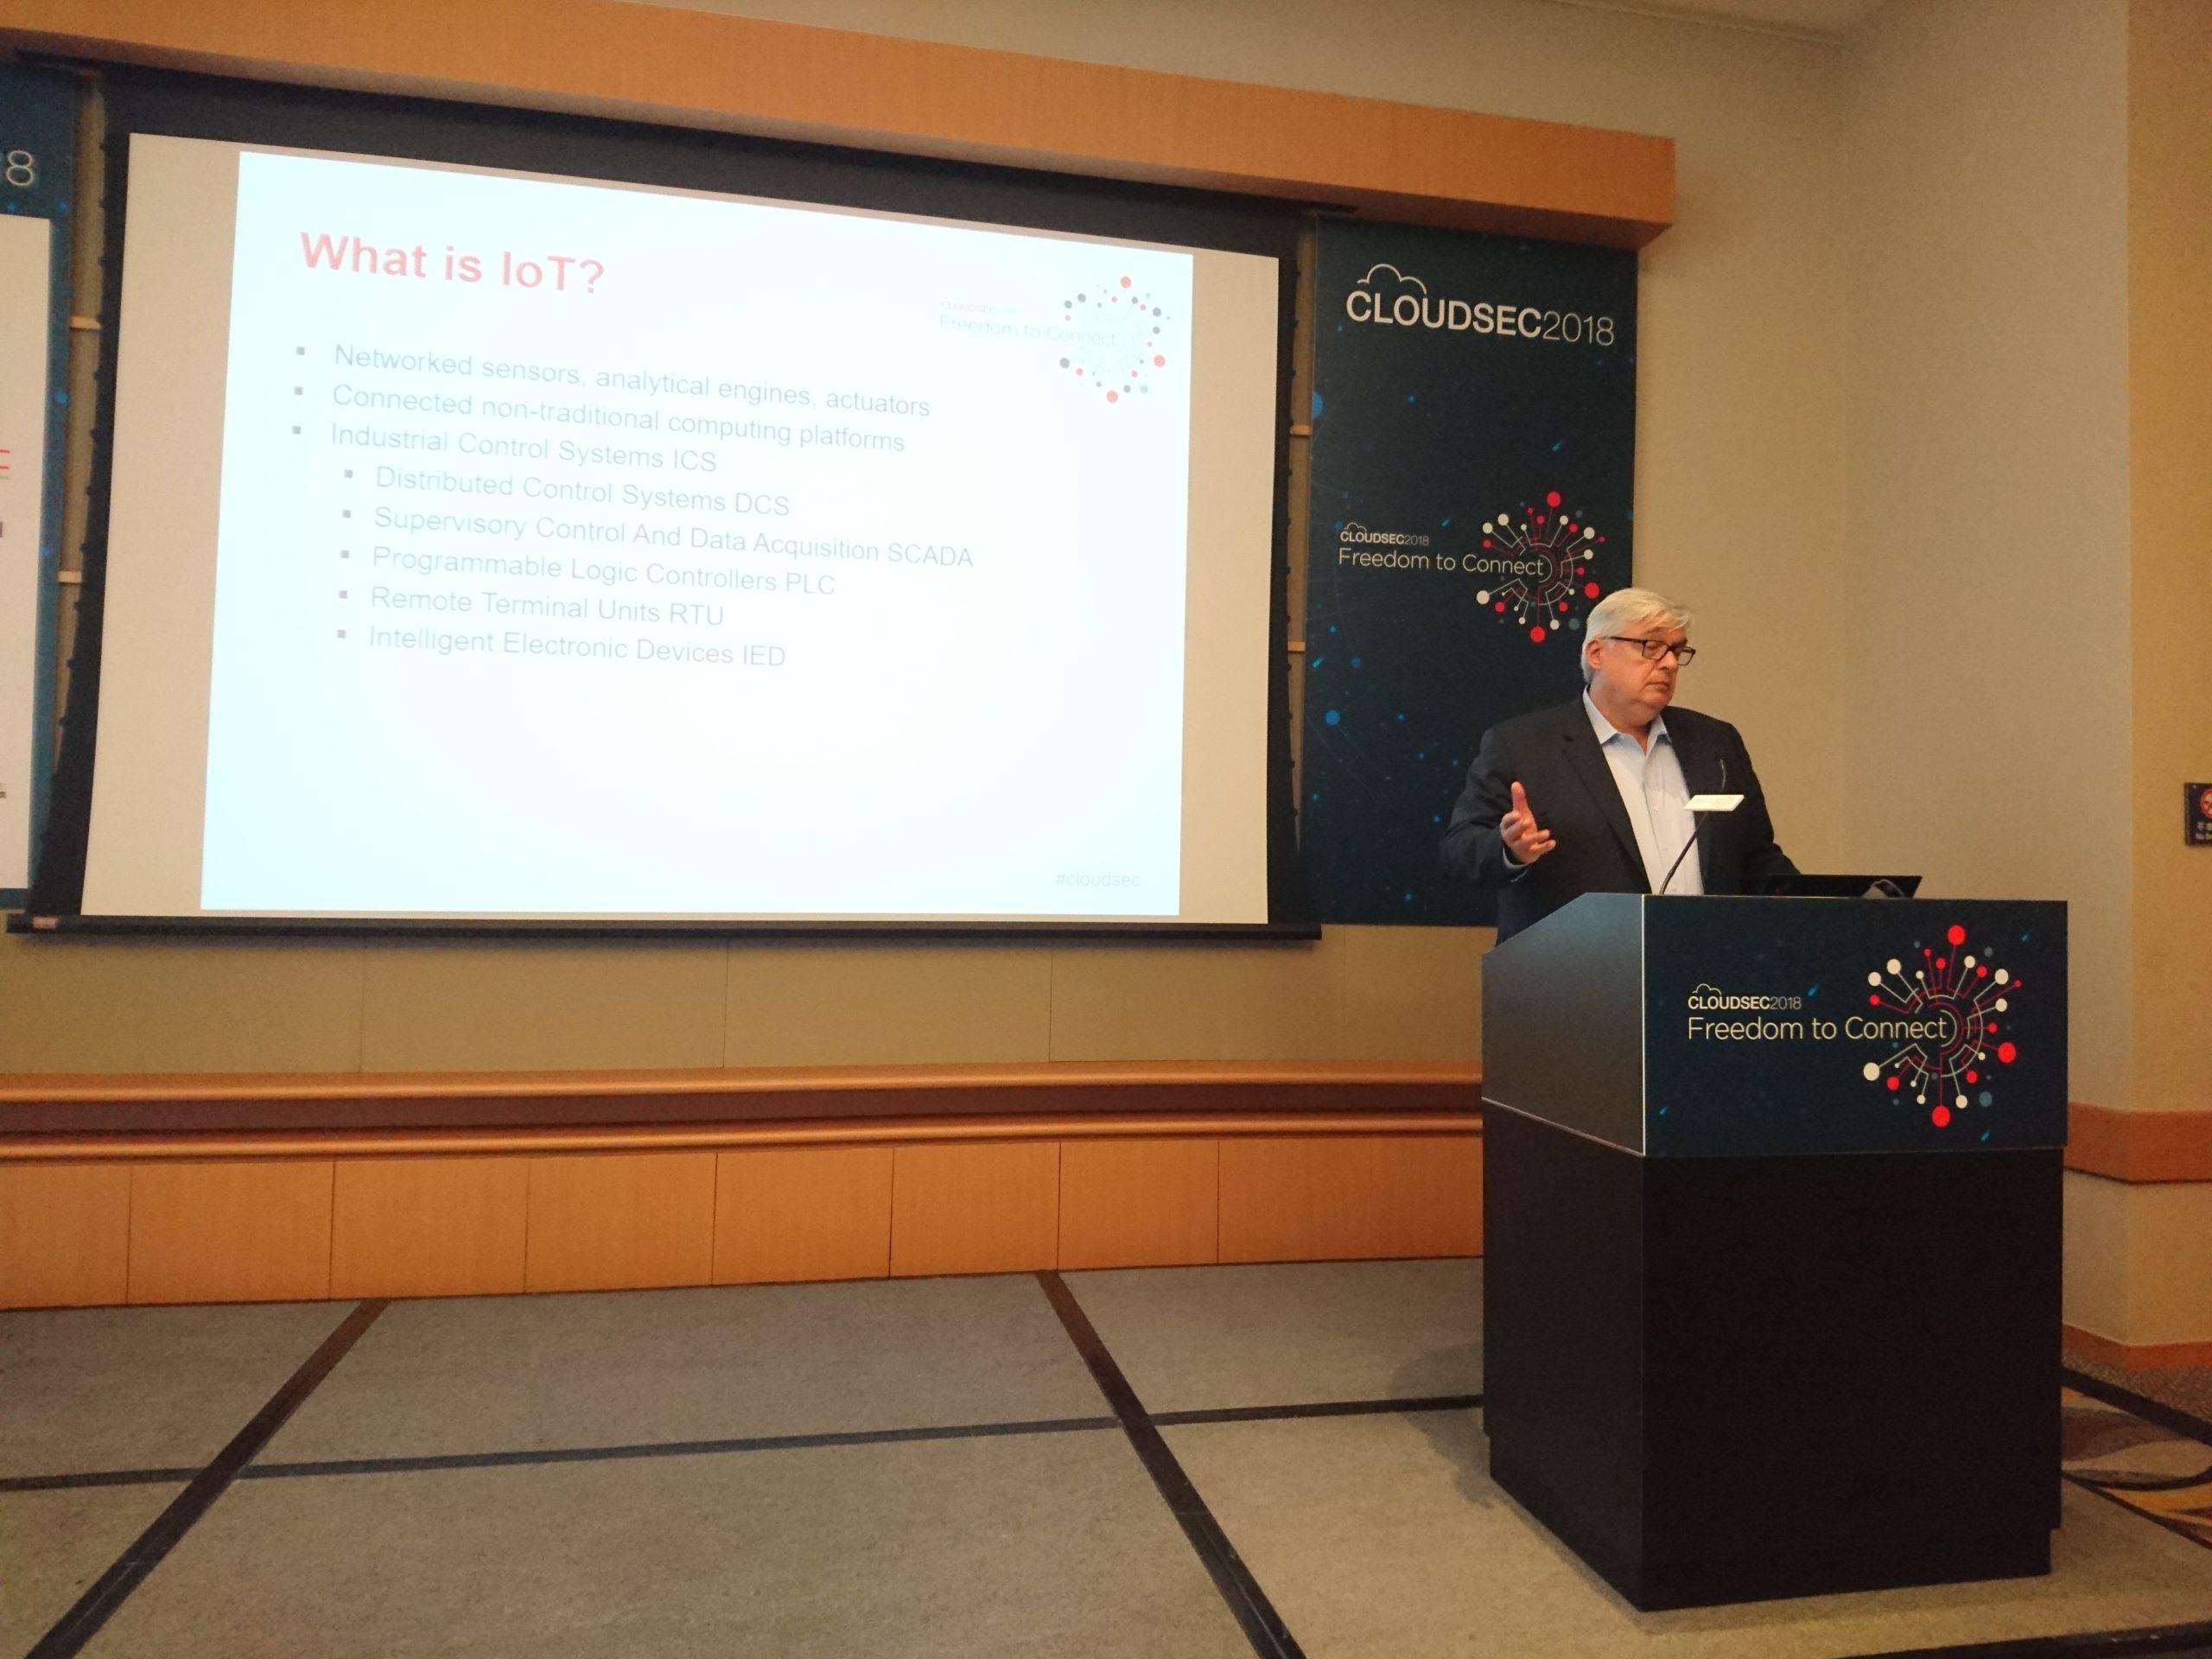 工業物聯網的新時代:IT 和 OT 融合後會有甚麼網絡安全挑戰?